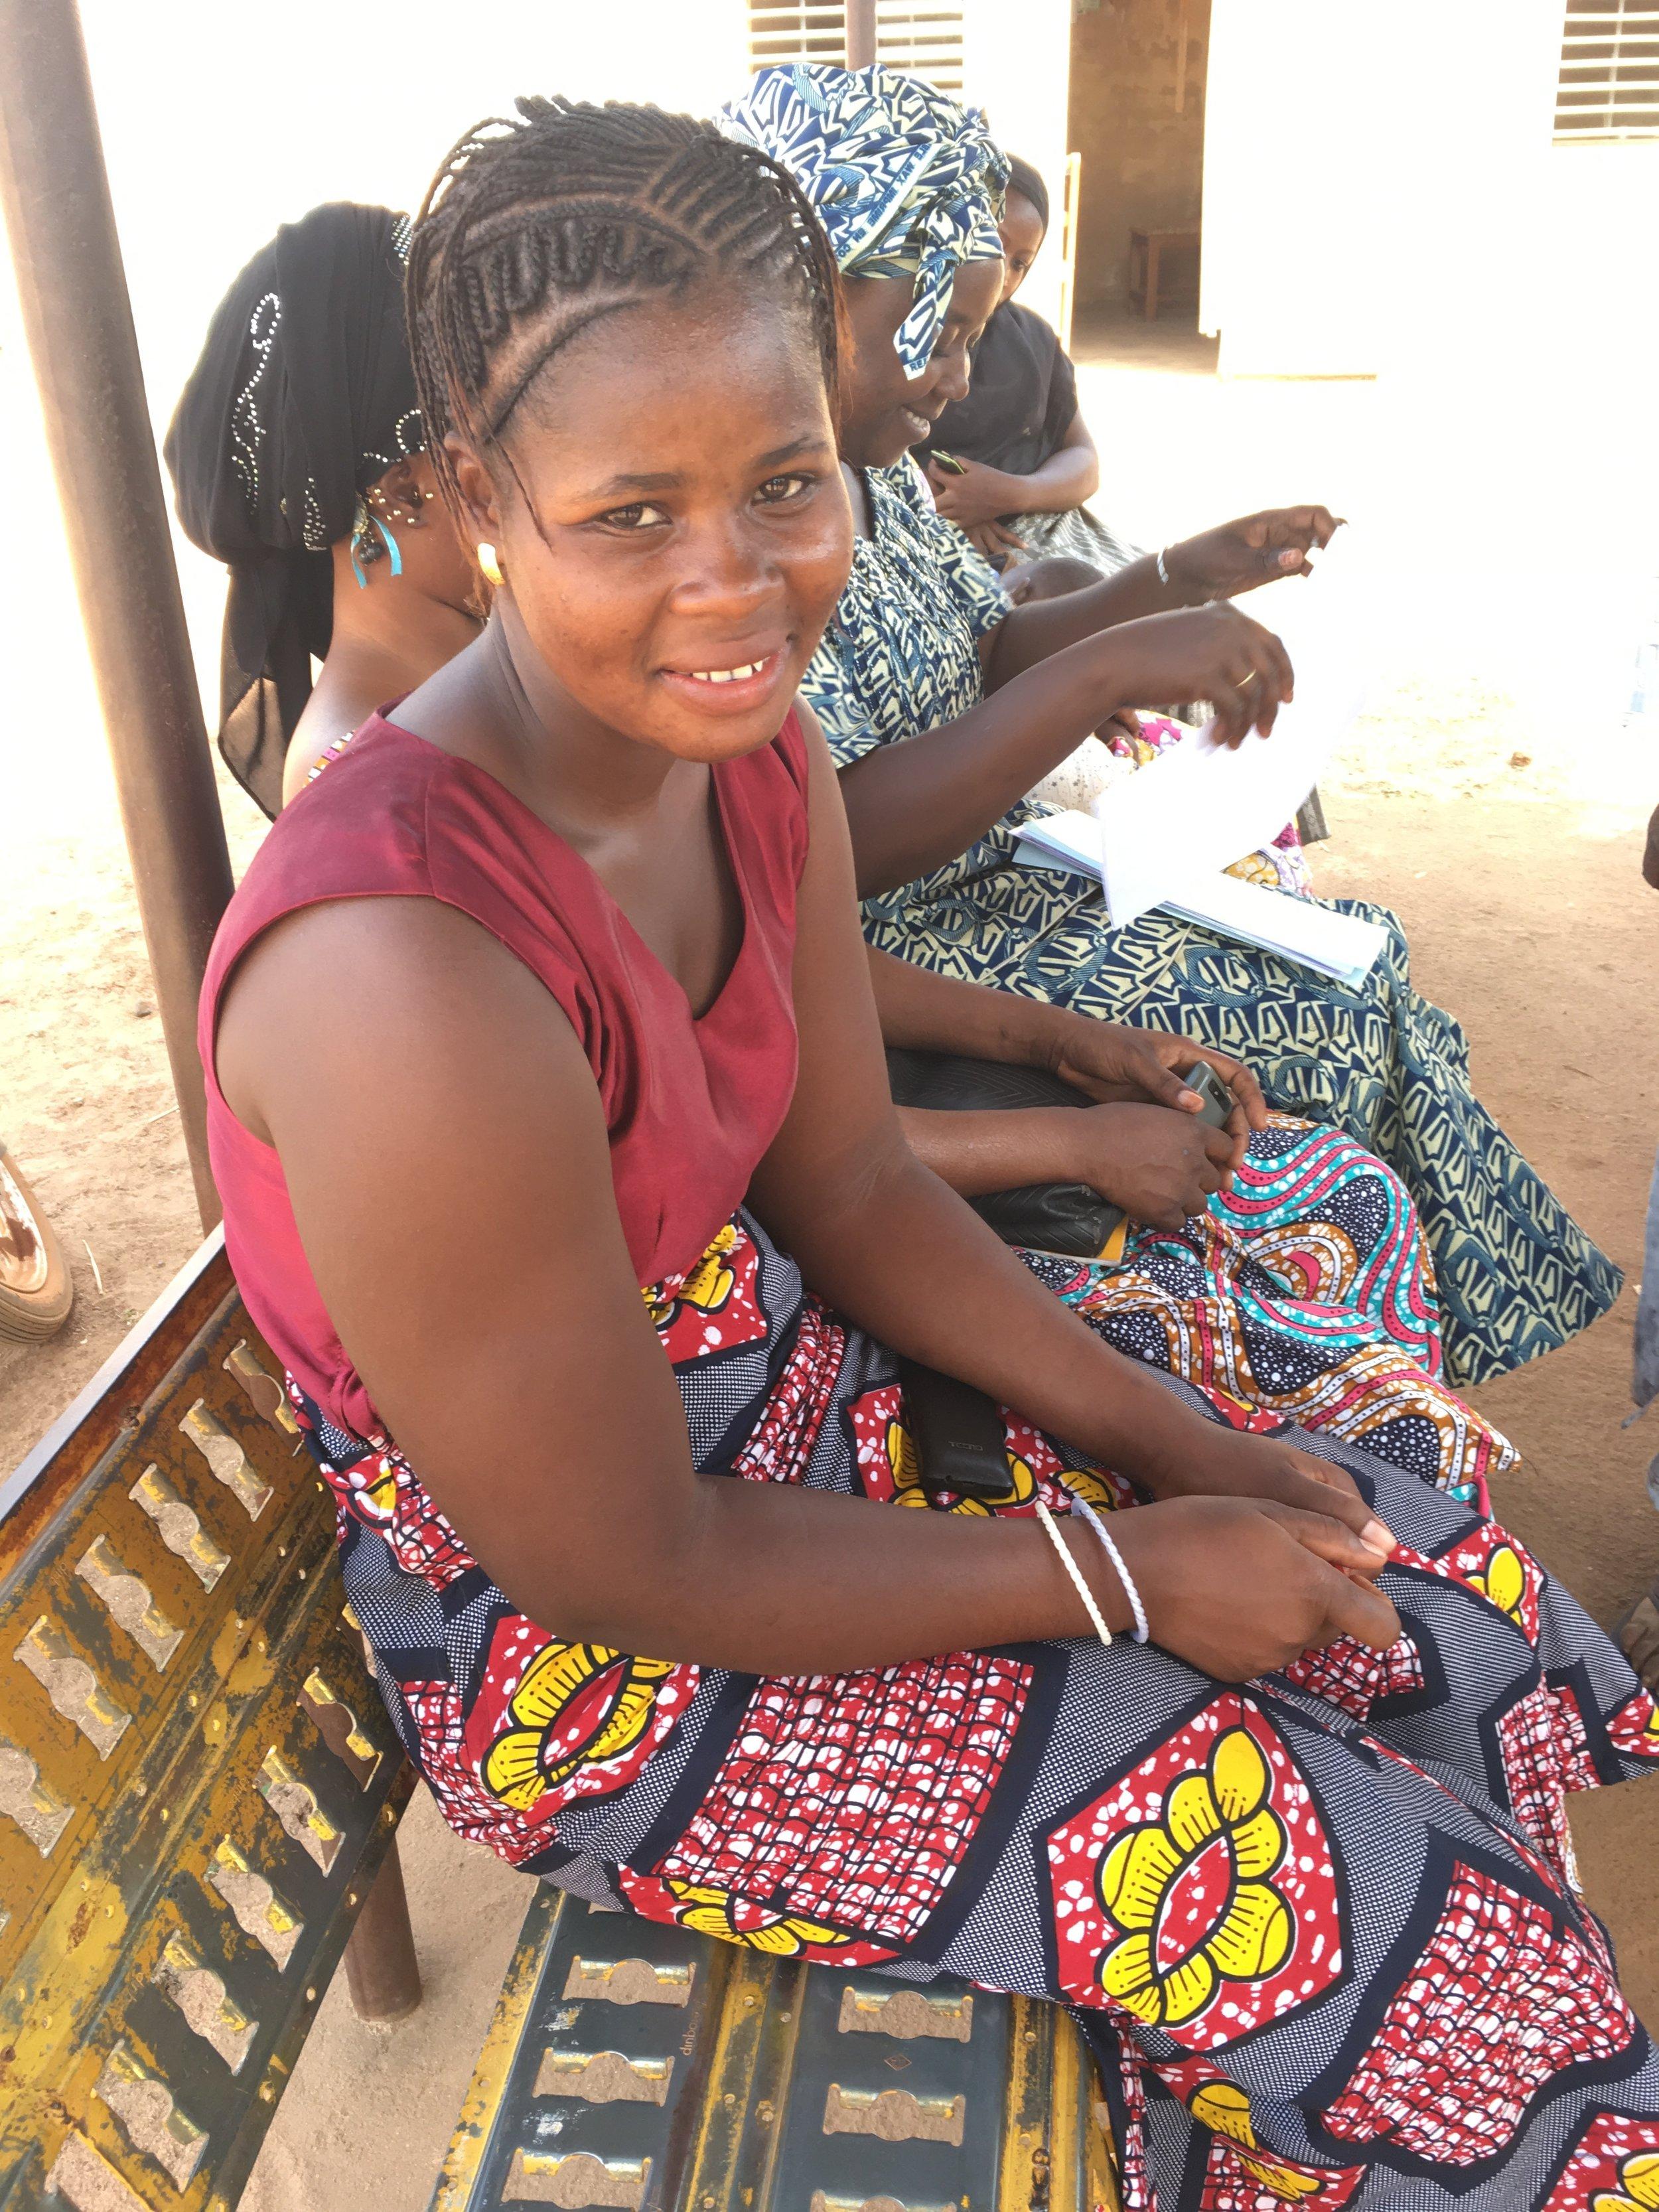 Inspiration Scholar Sophie helped delever 40 babies as part of her nursing internship. Forty. 4-0.